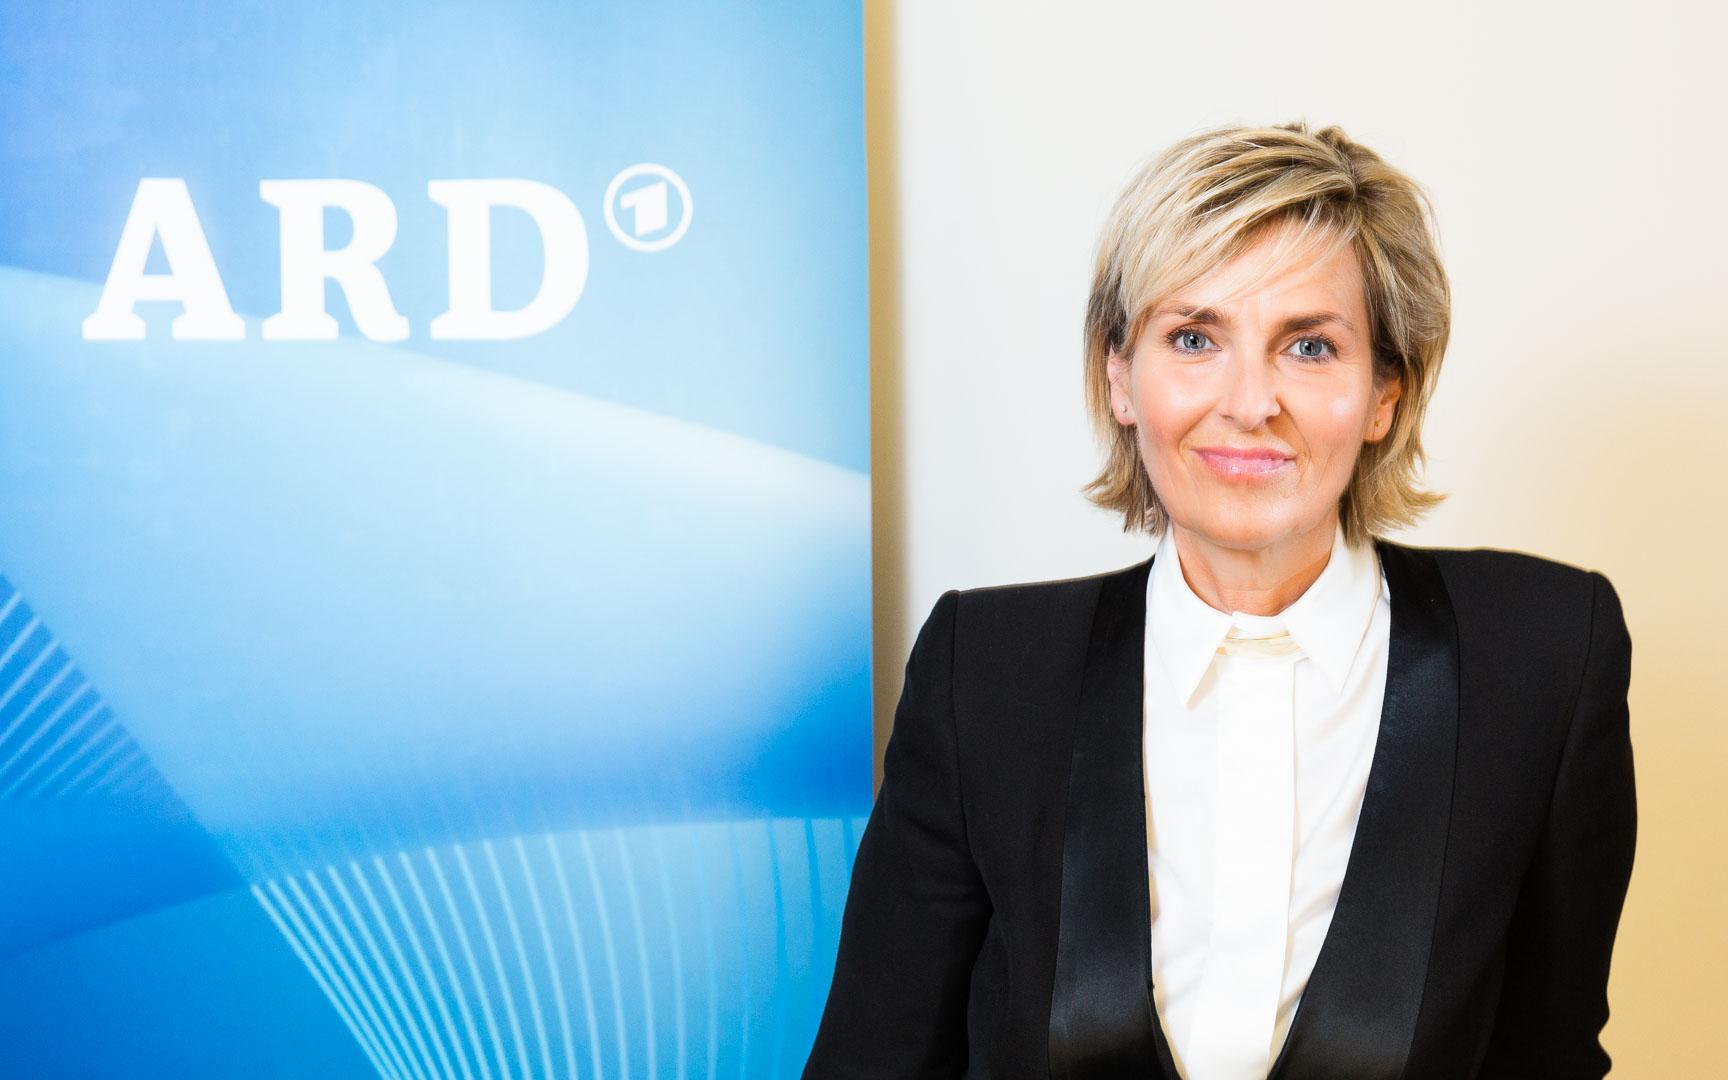 Prof. Dr. Karola Wille, Intendantin des MDR Mitteldeutscher Rundfunk